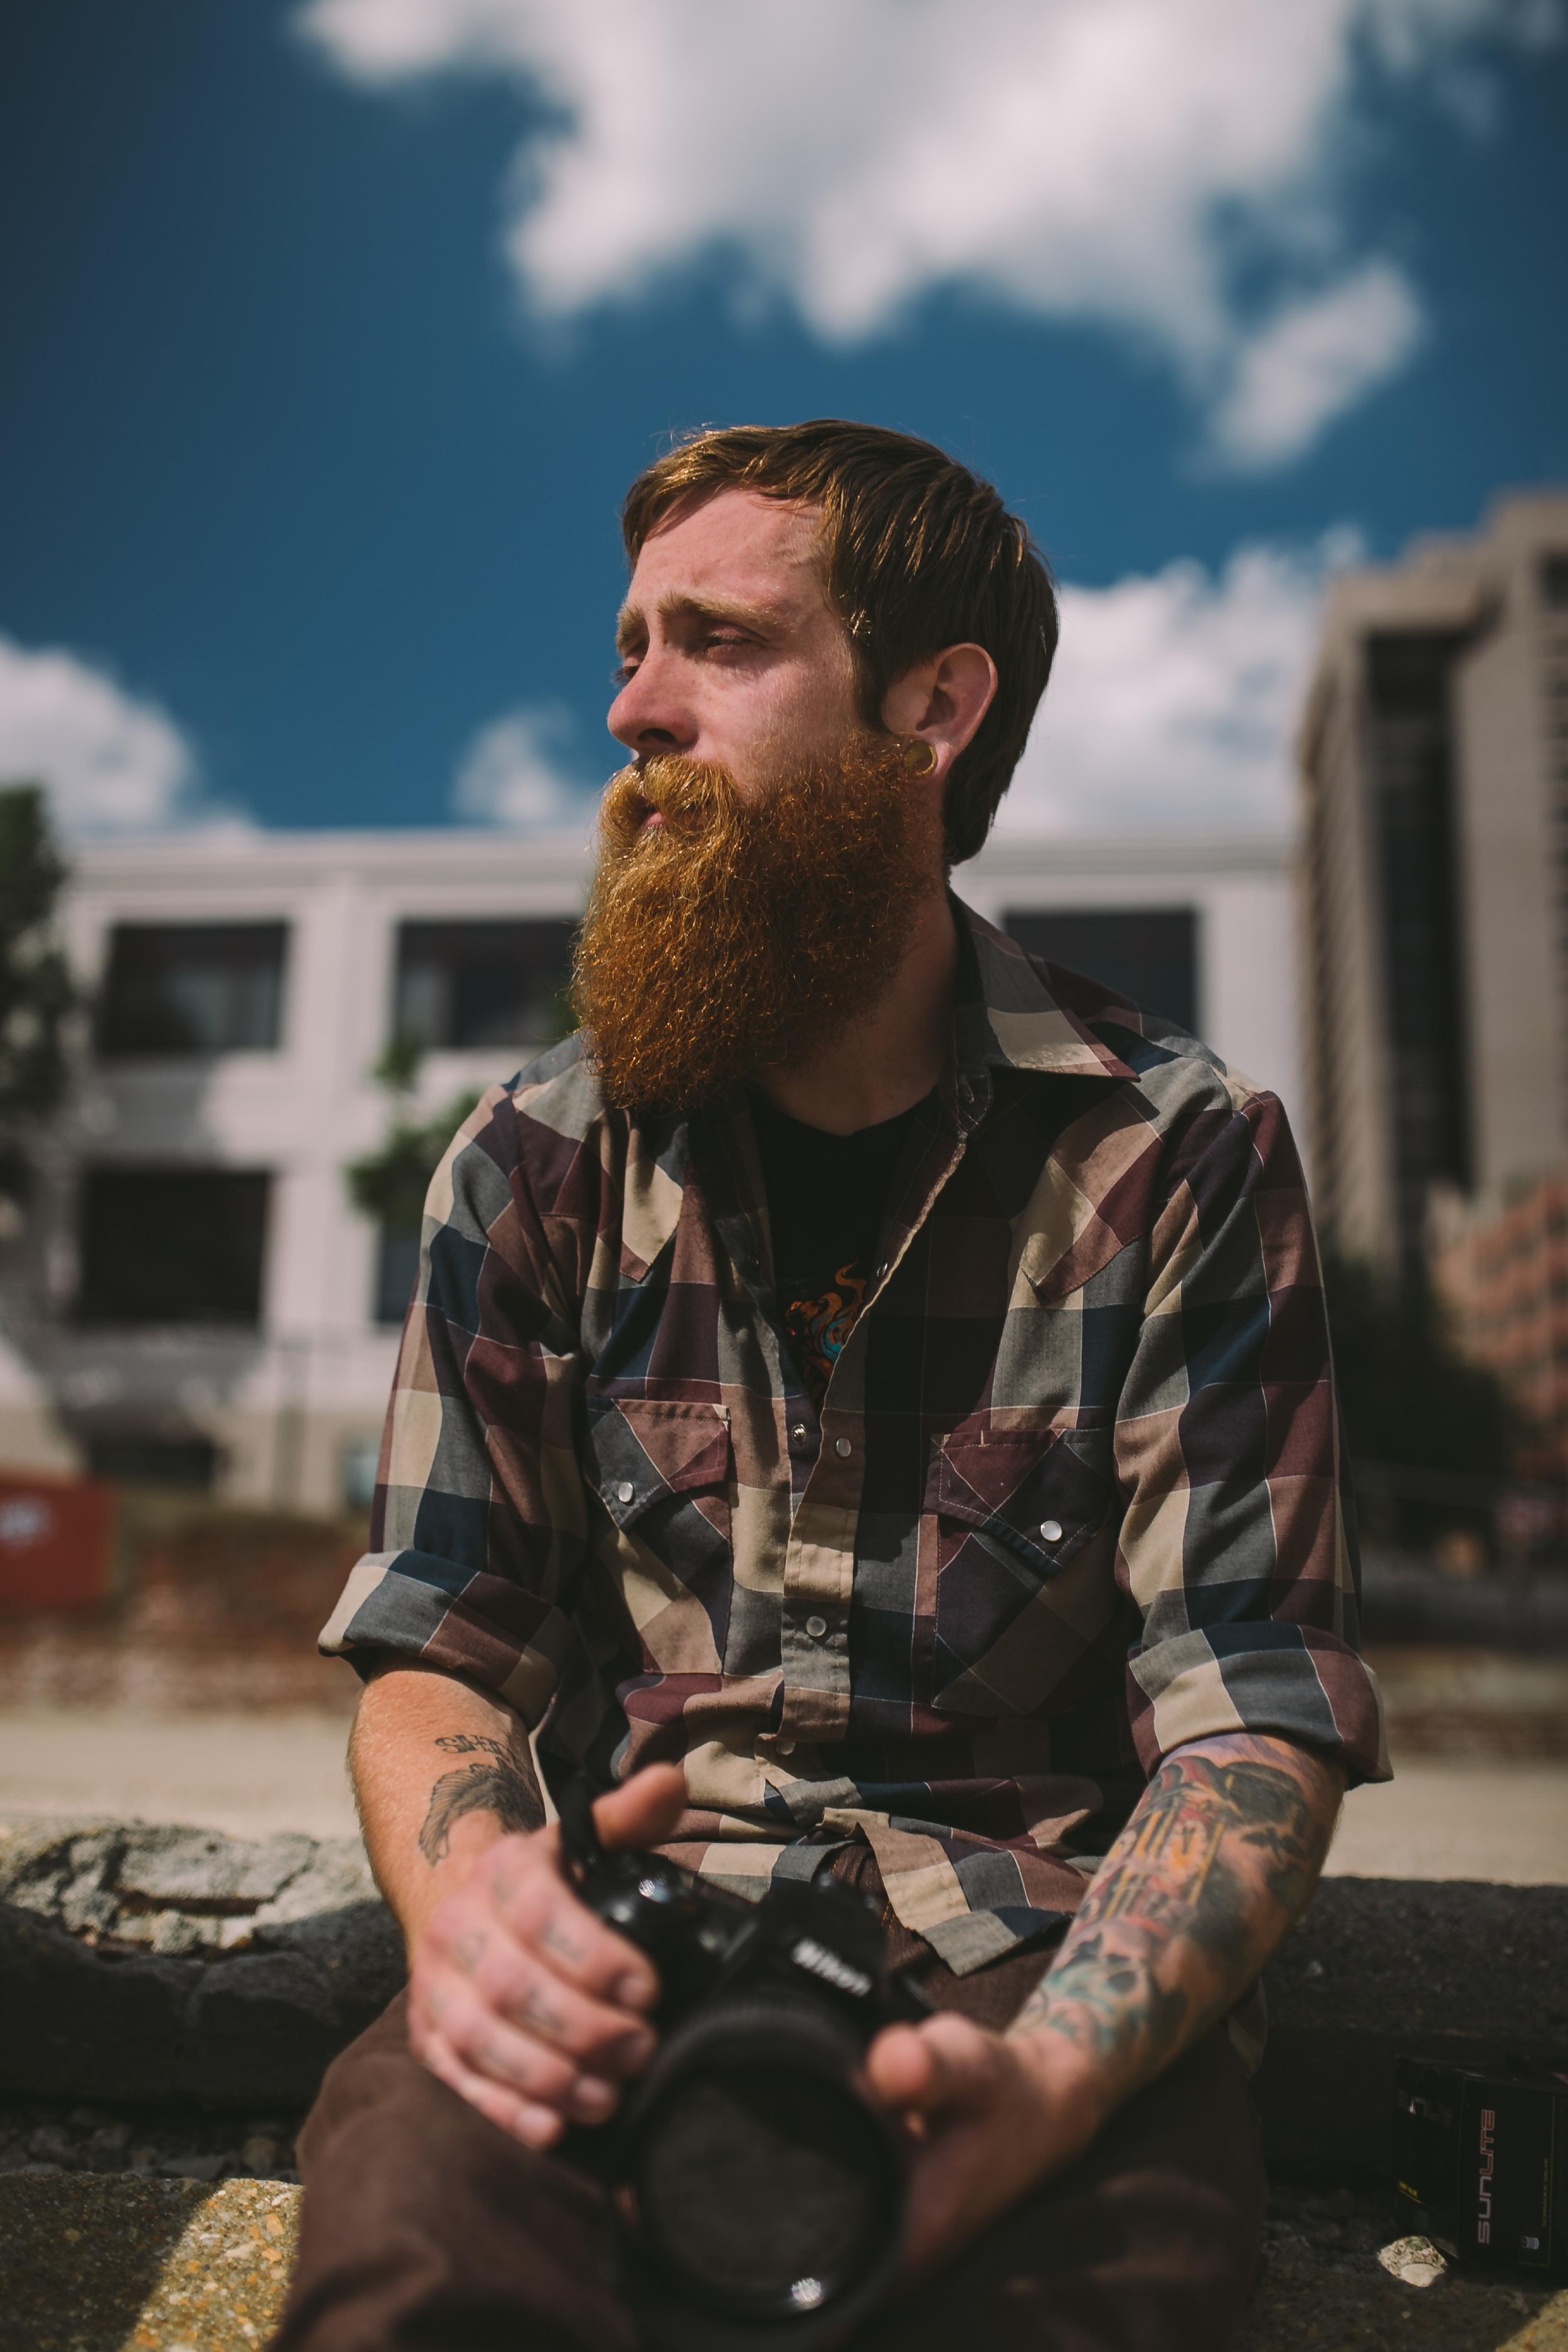 Red beard nikon.jpg